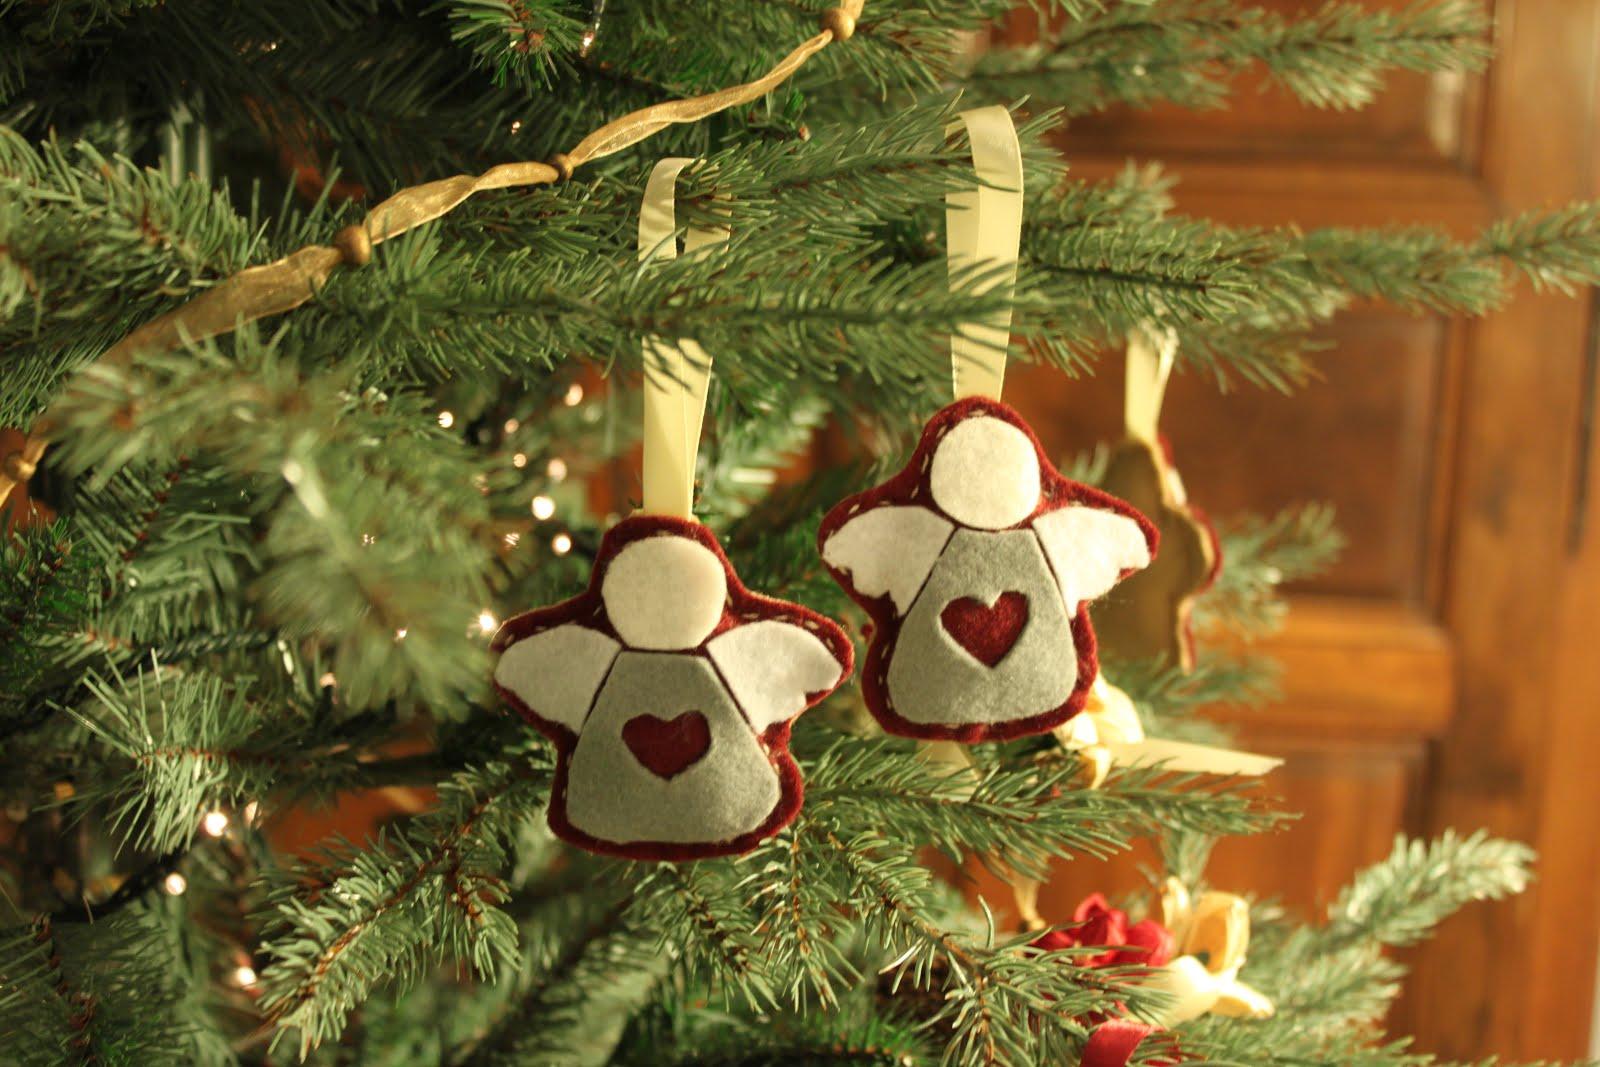 Idee Cucito Per Natale : Scuola di cucito angeli in pannolenci per l albero di natale